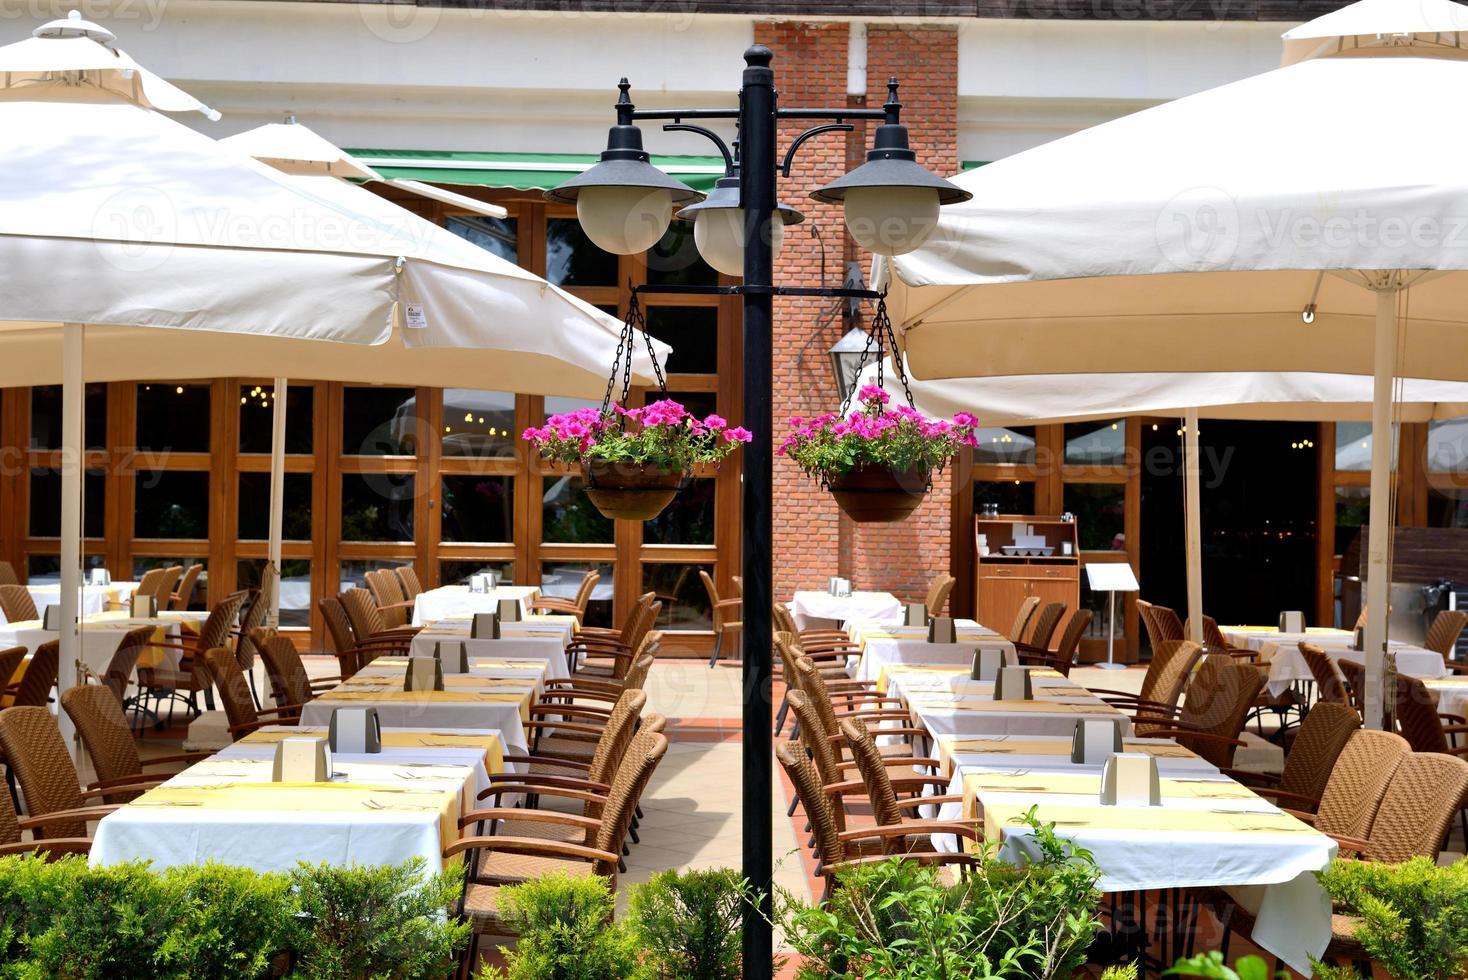 restaurante ao ar livre em hotel de luxo moderno, marmaris, turquia foto